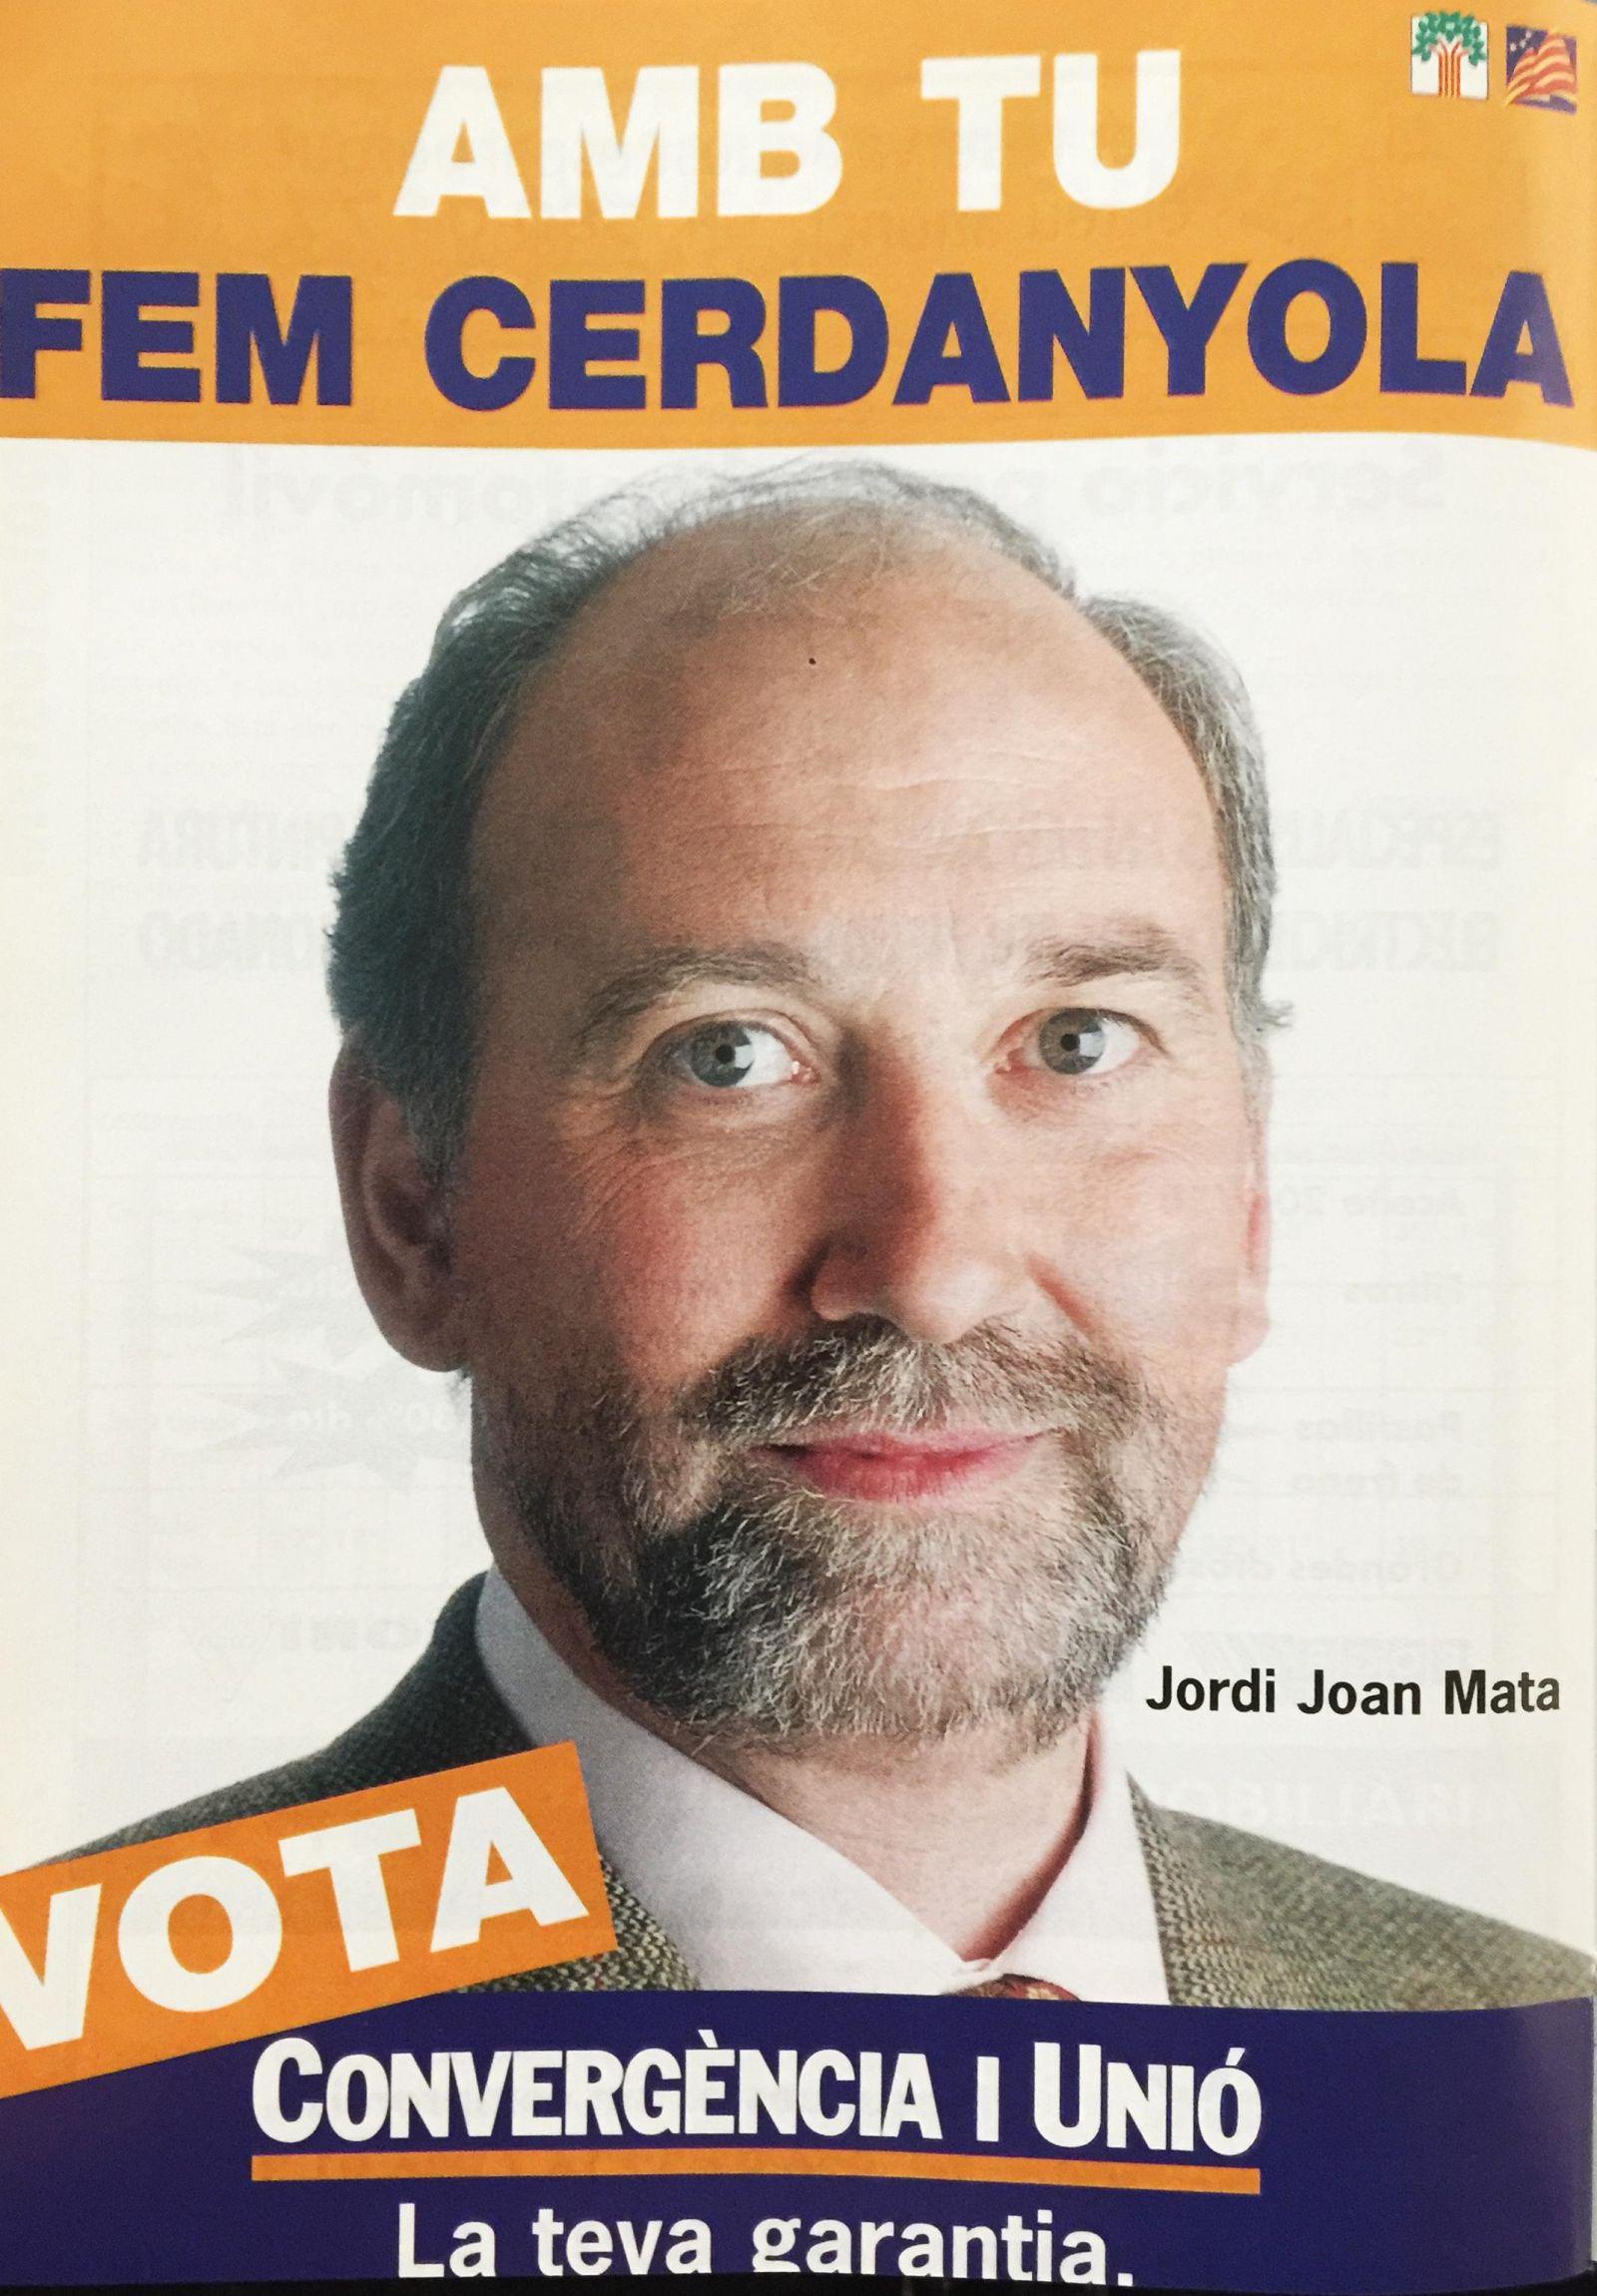 Les eleccions municipals al llarg dels anys